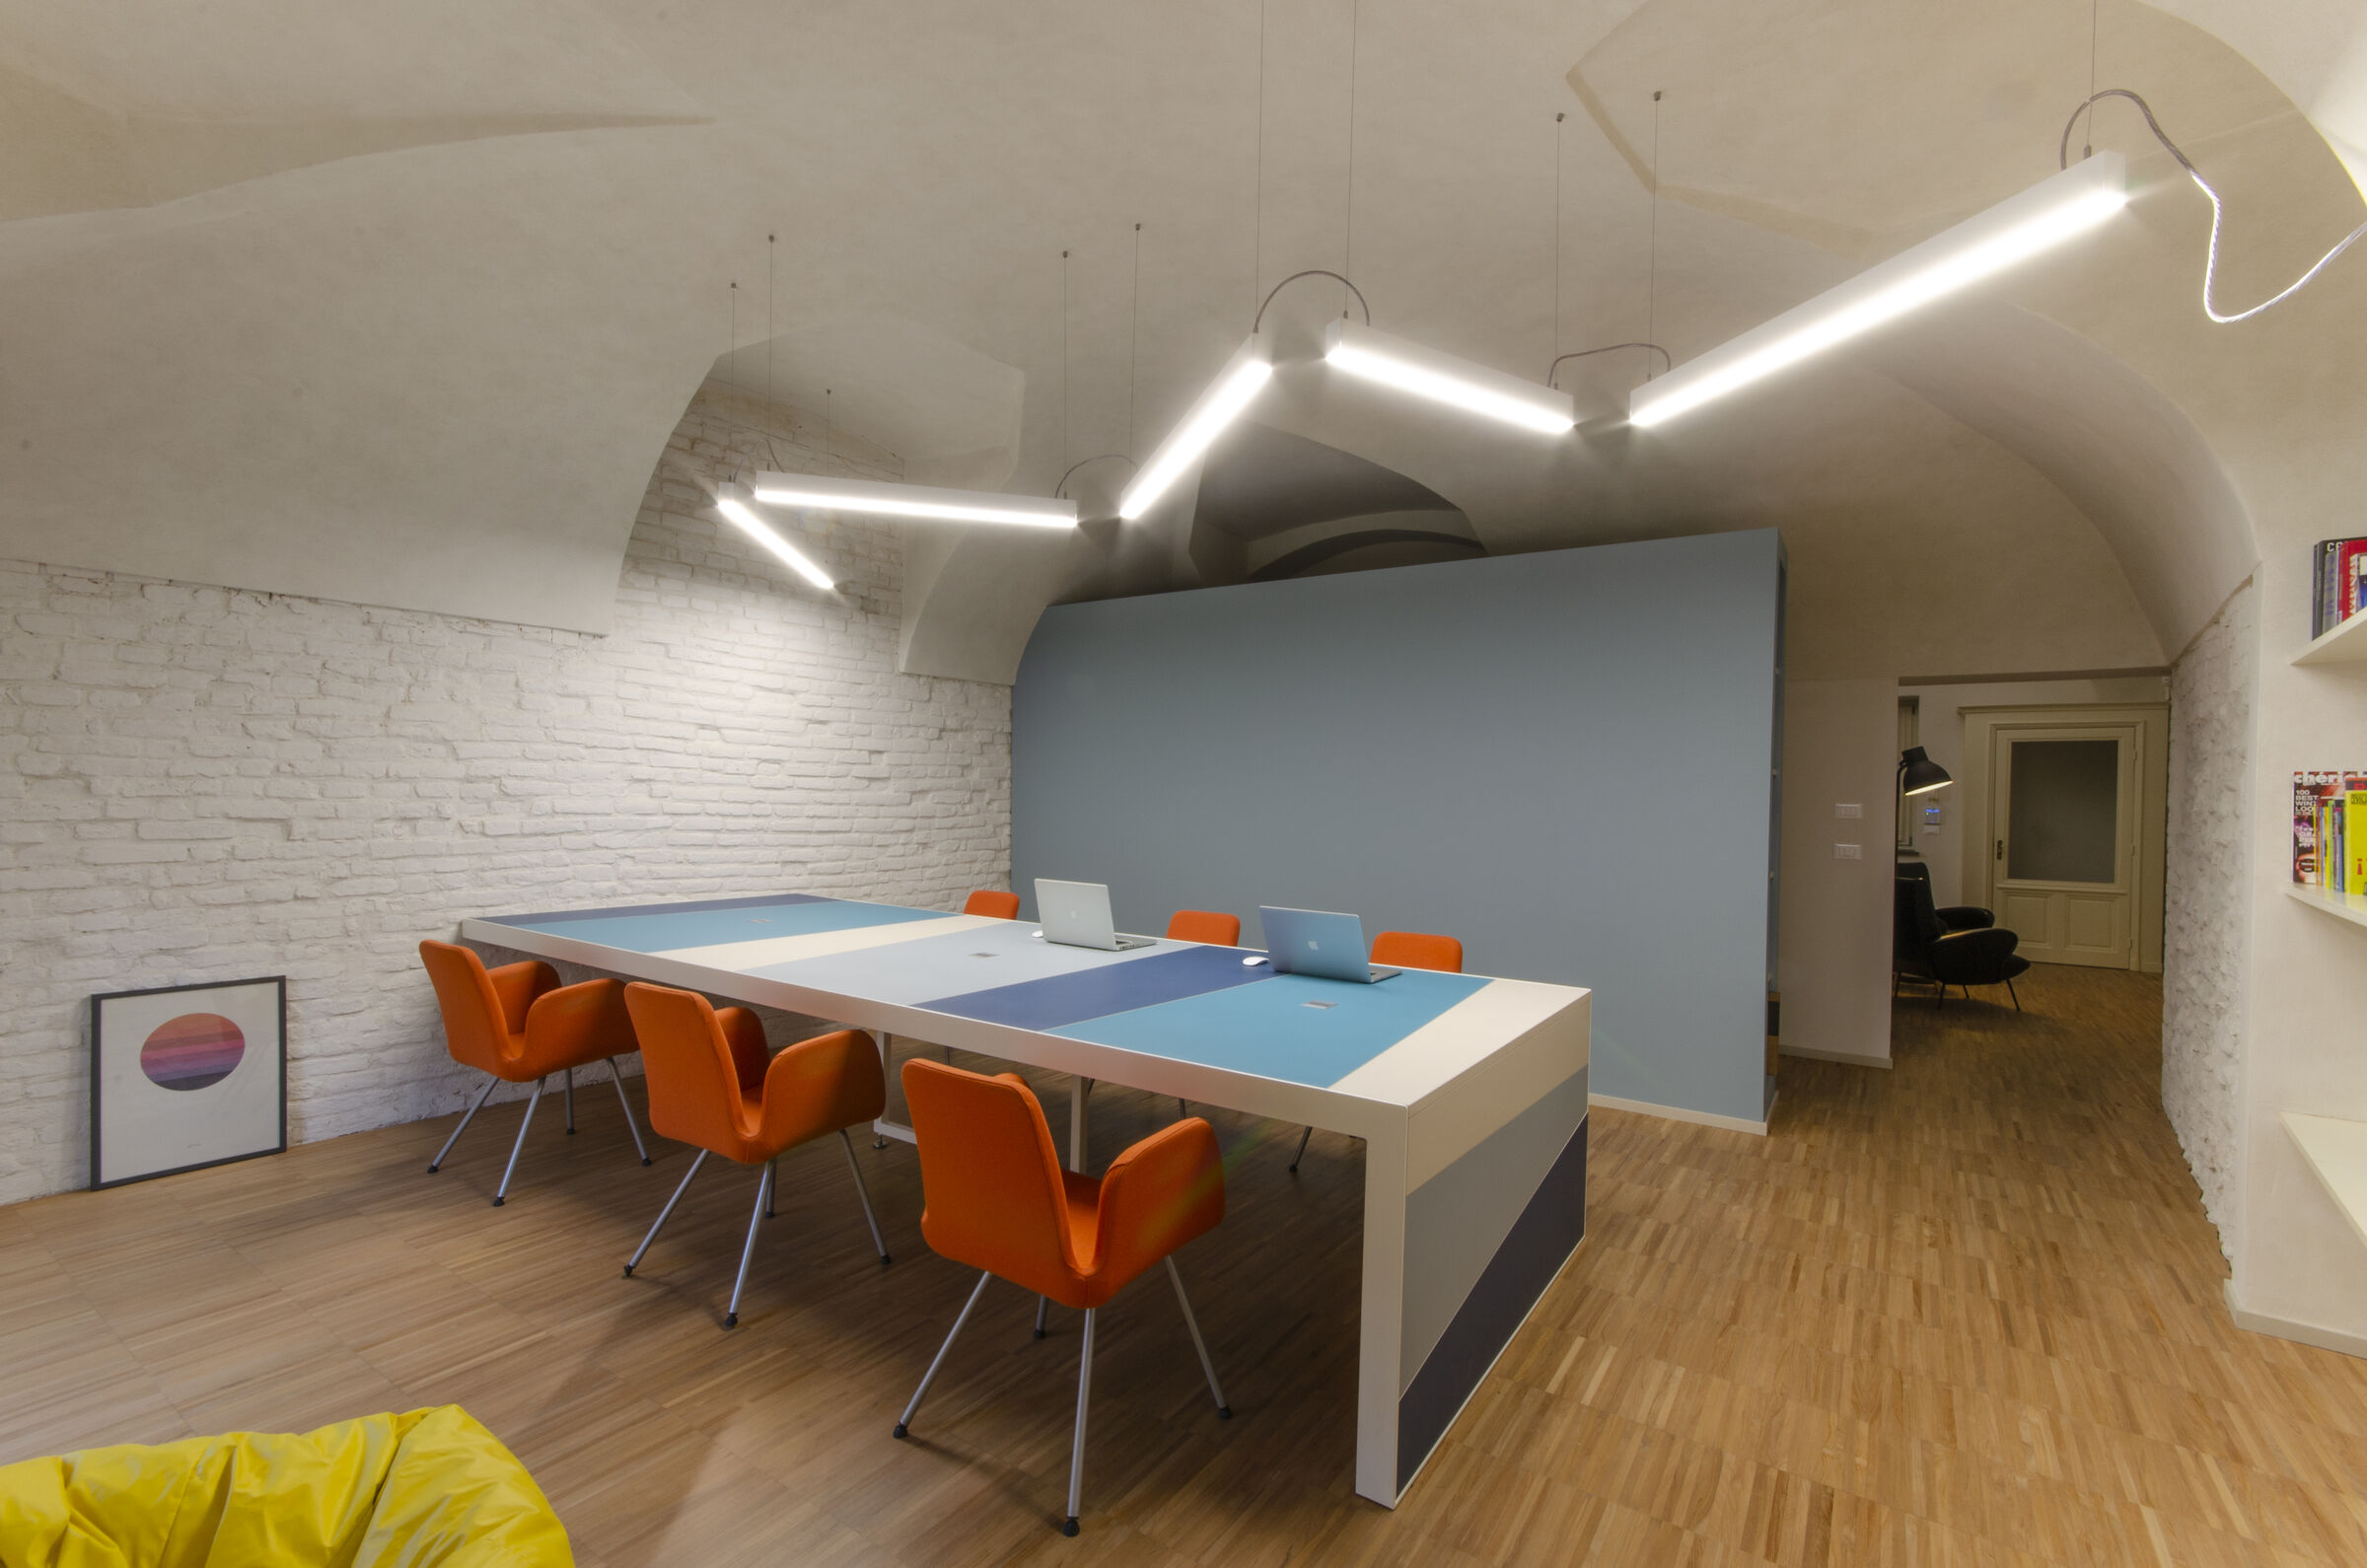 Studi Di Architettura Cuneo studio architettura - cuneo | ambrogio barbieri architetti